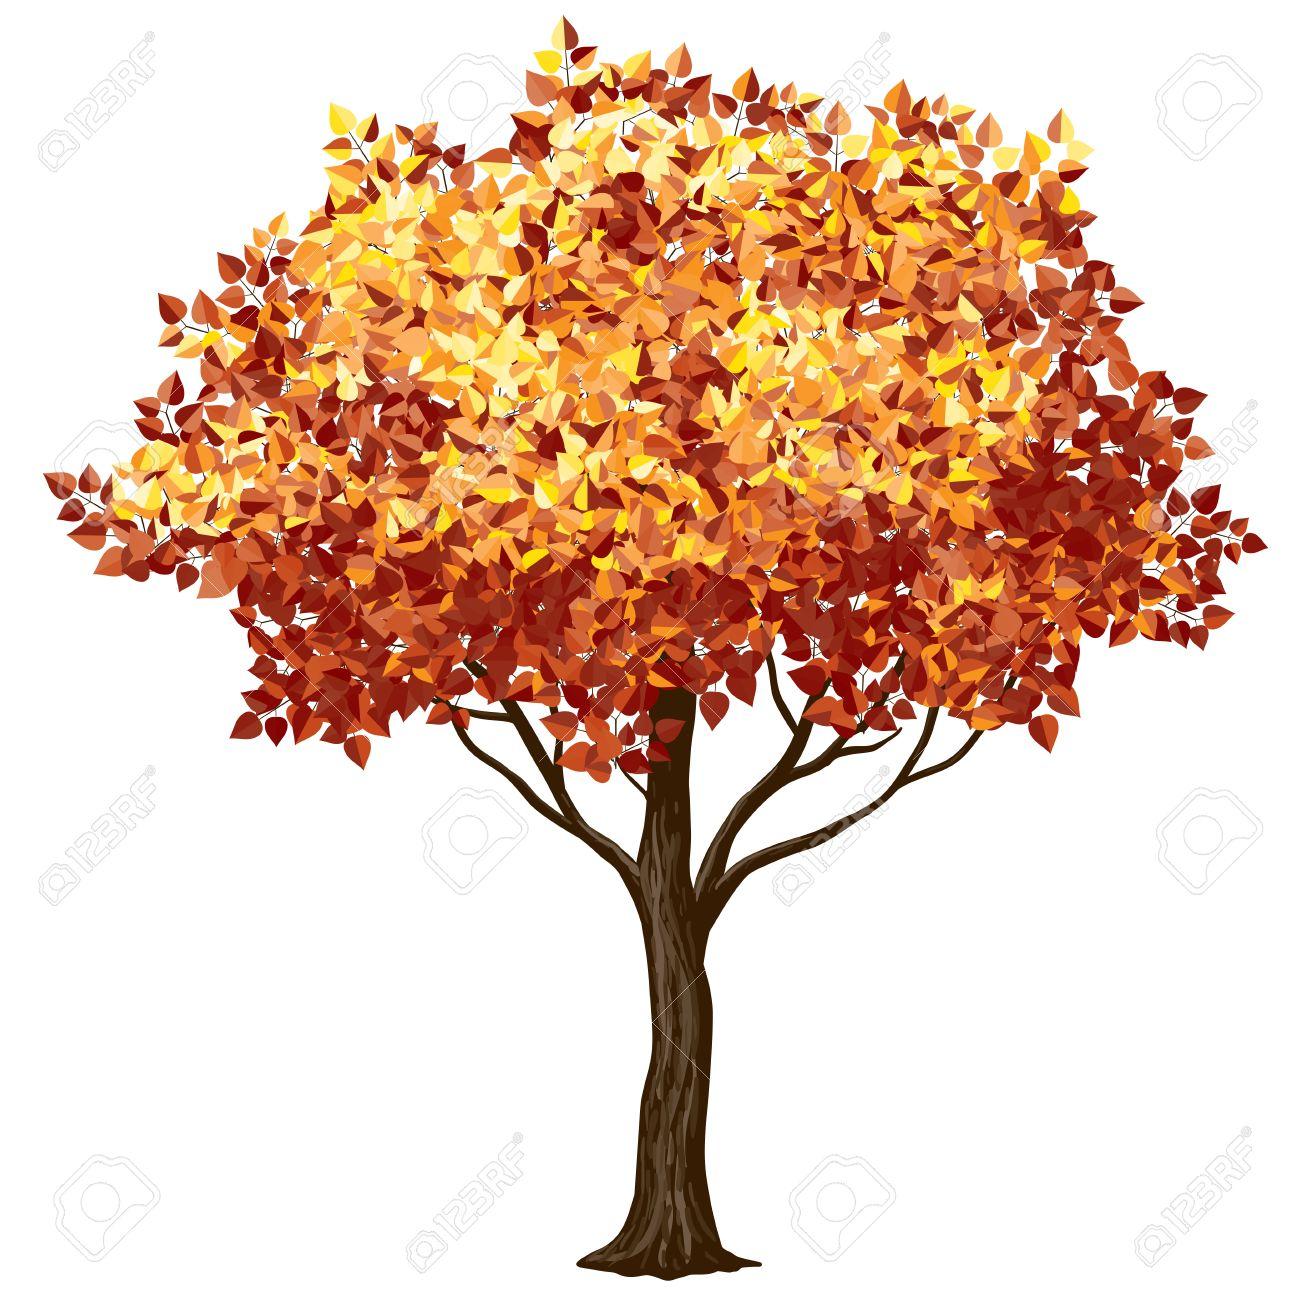 Baum Im Herbst Isoliert Auf Weiß. CMYK. Organisiert Von Schichten ...